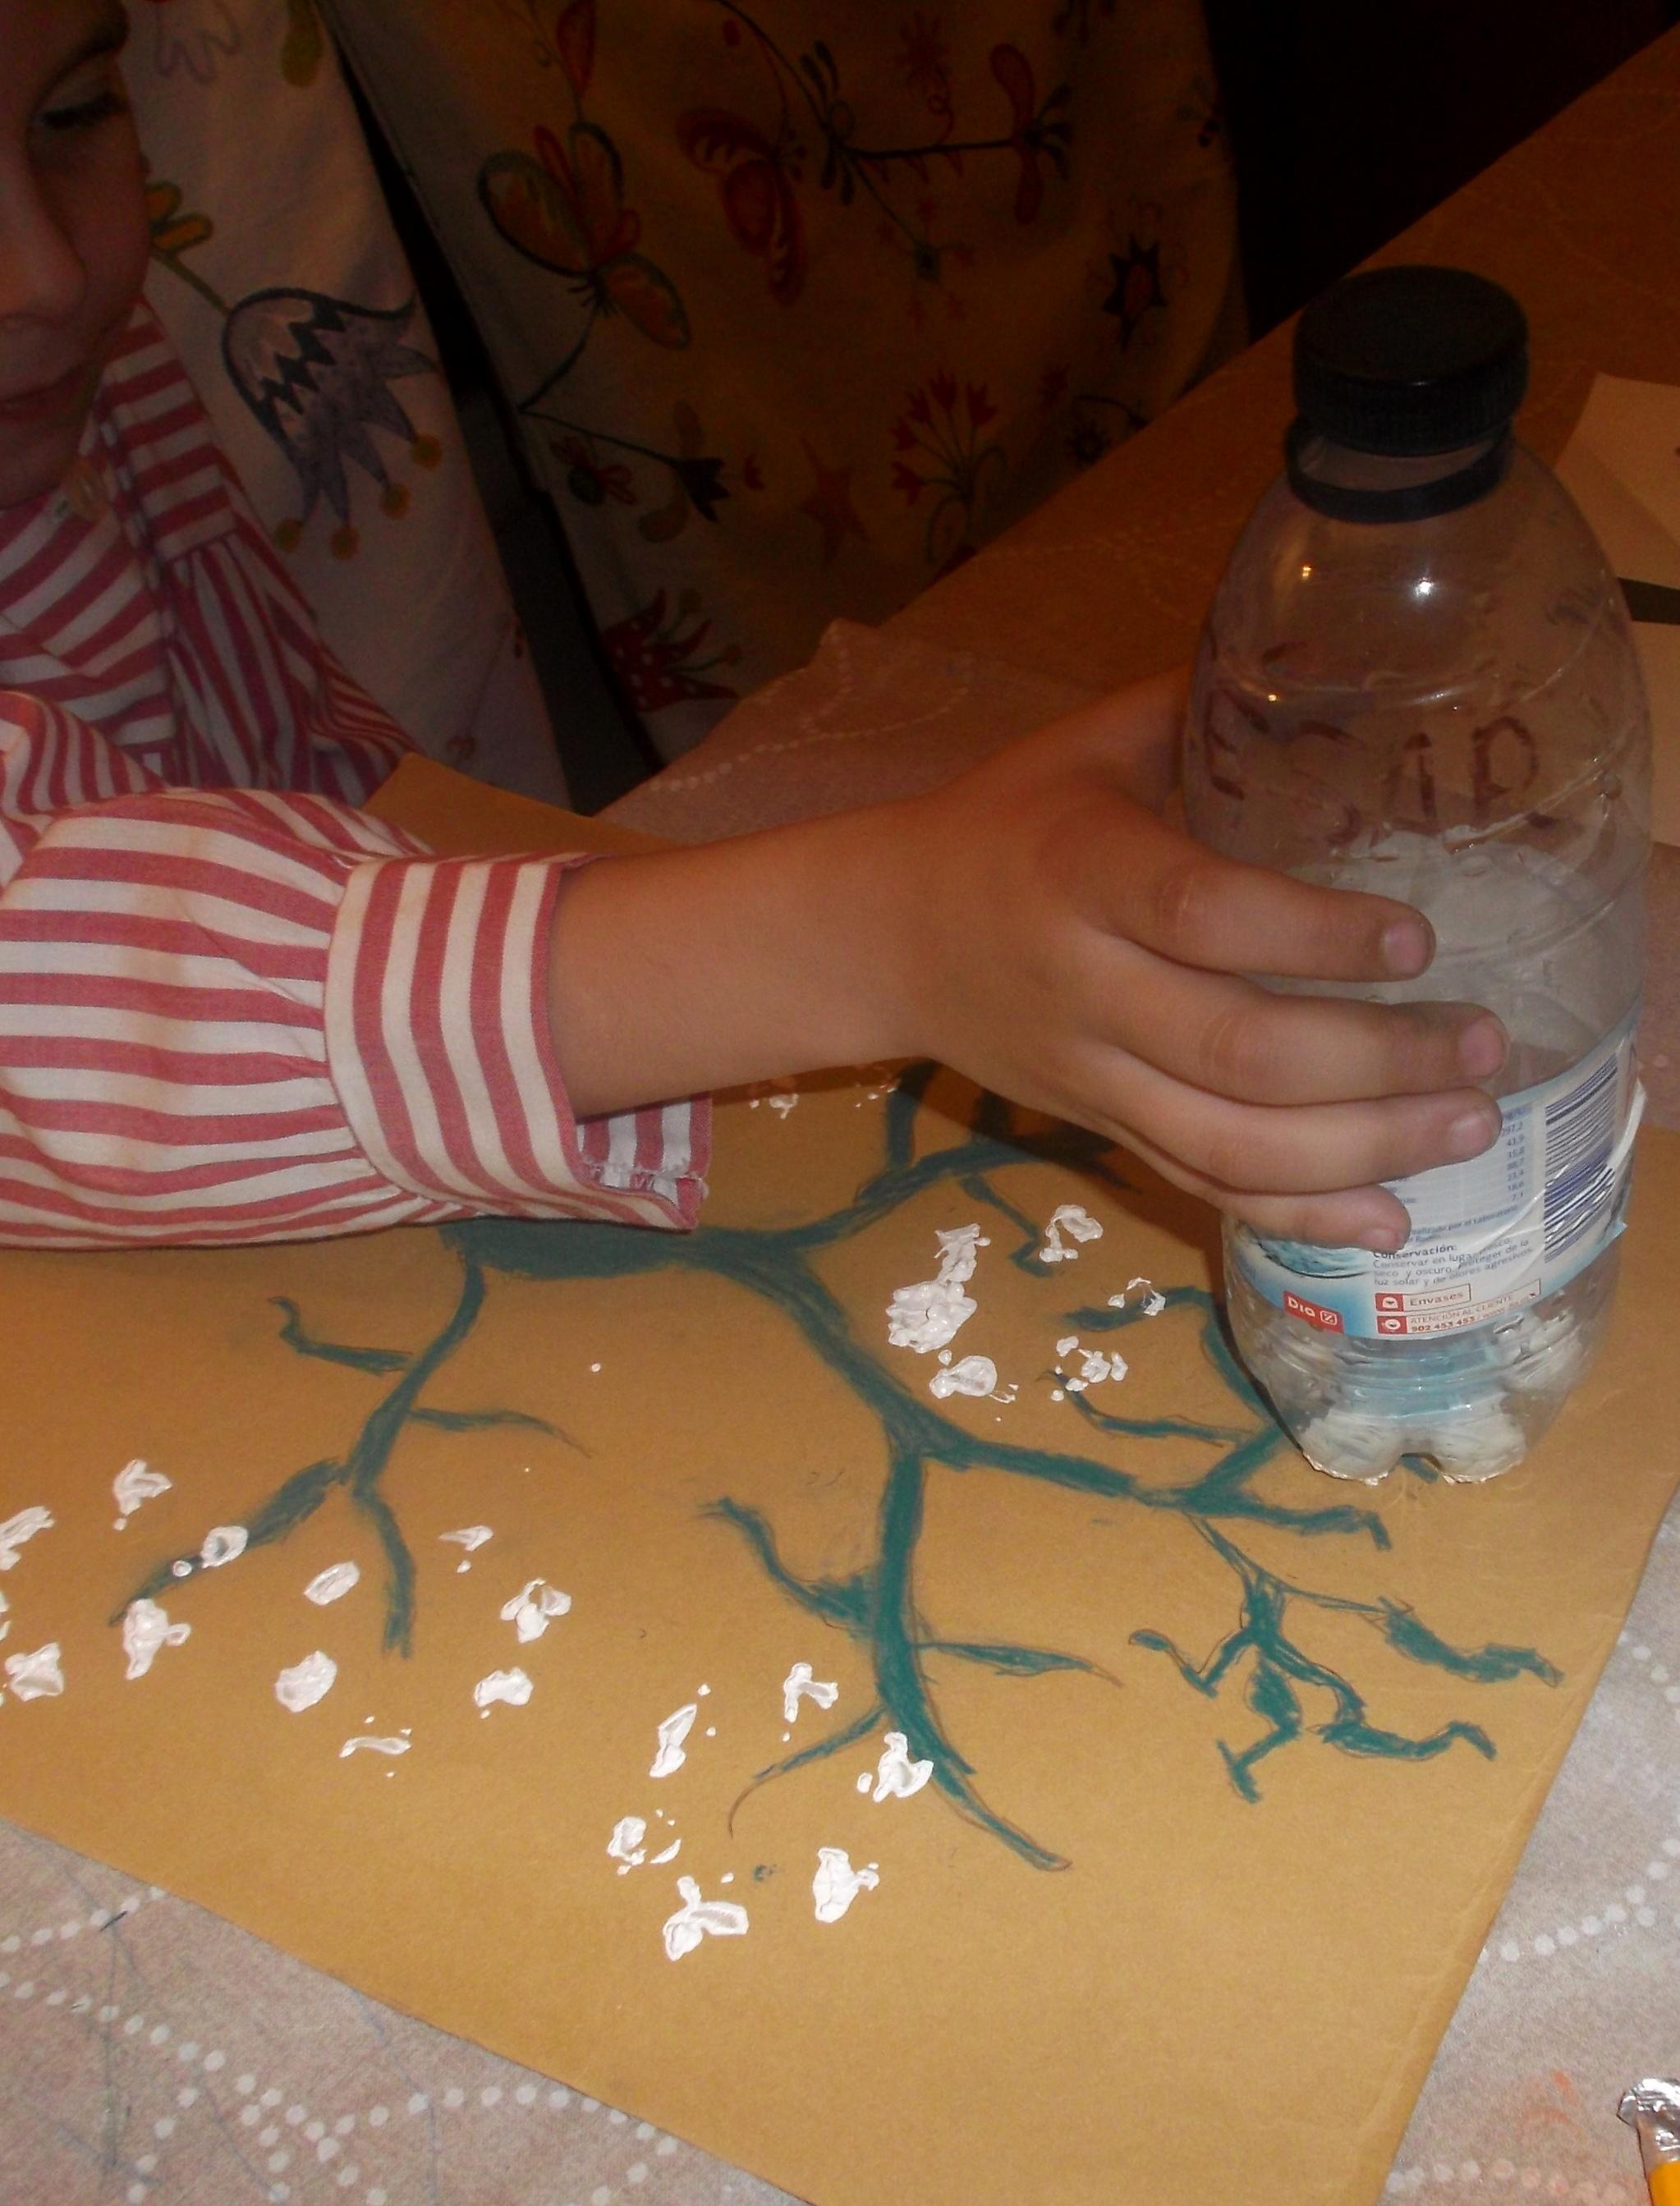 Pintar con una botella de plastico arte infantil en el - Pintar botellas de plastico ...